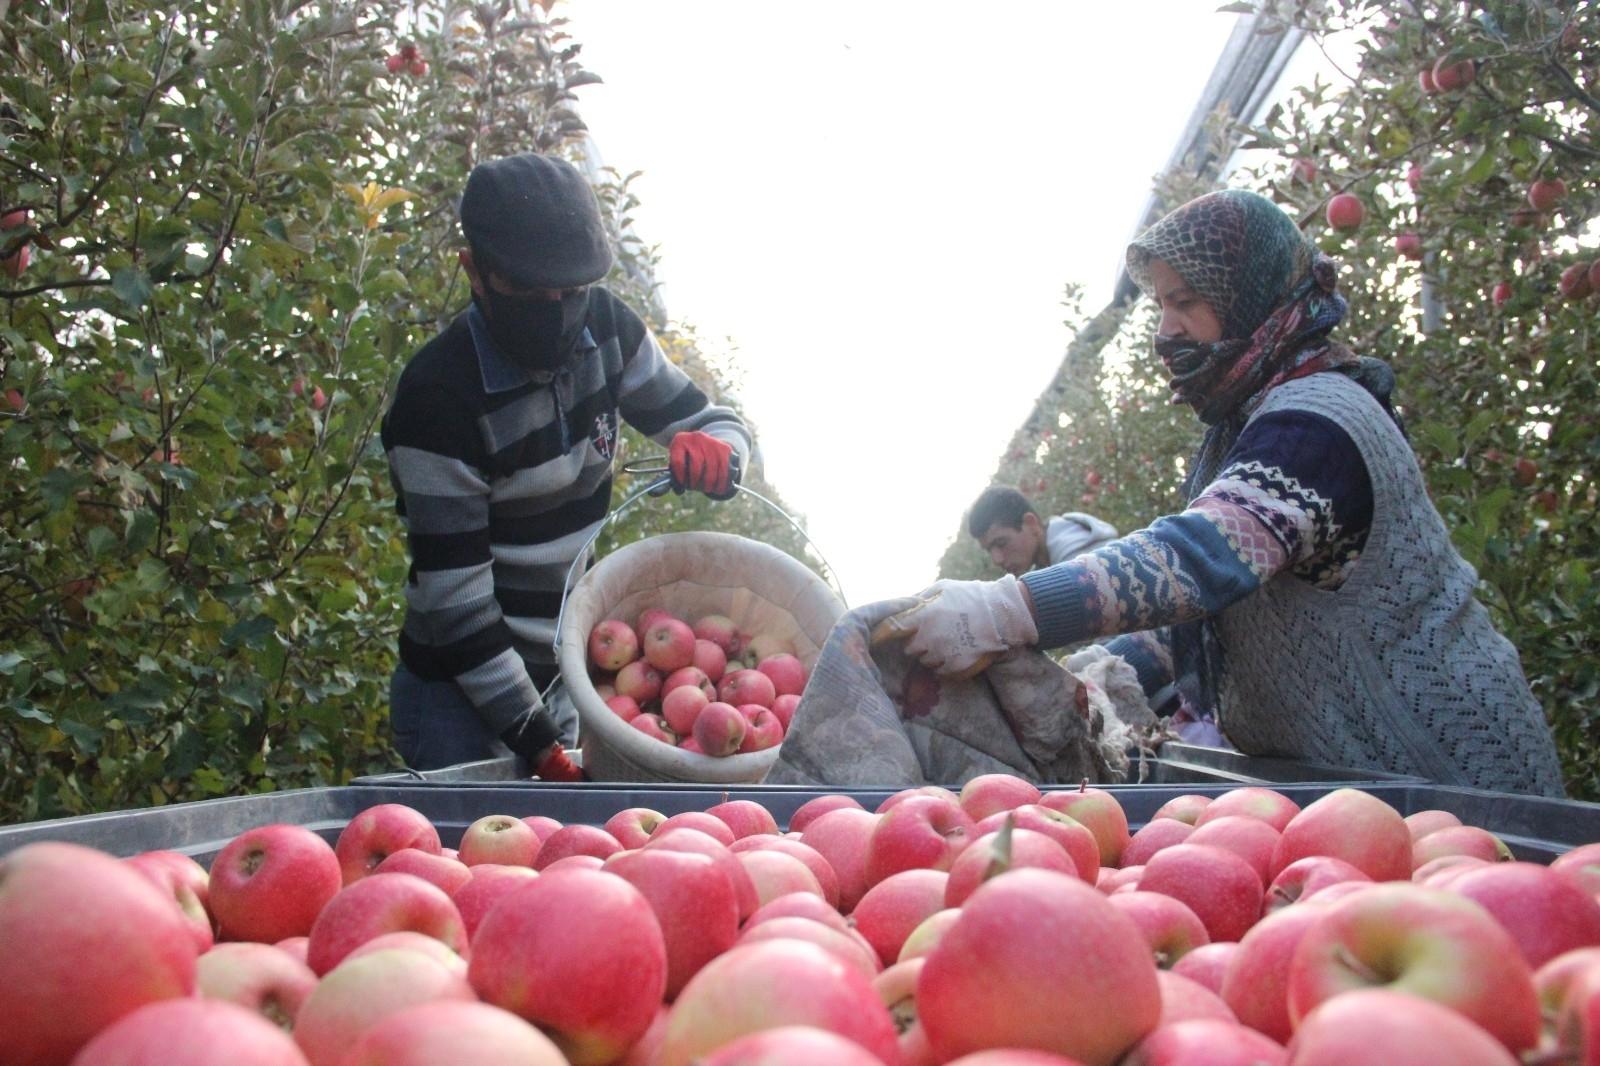 2021/09/karamanda-gunluk-13-bin-kisi-elma-toplamaya-gidiyor-20210915AW41-1.jpg